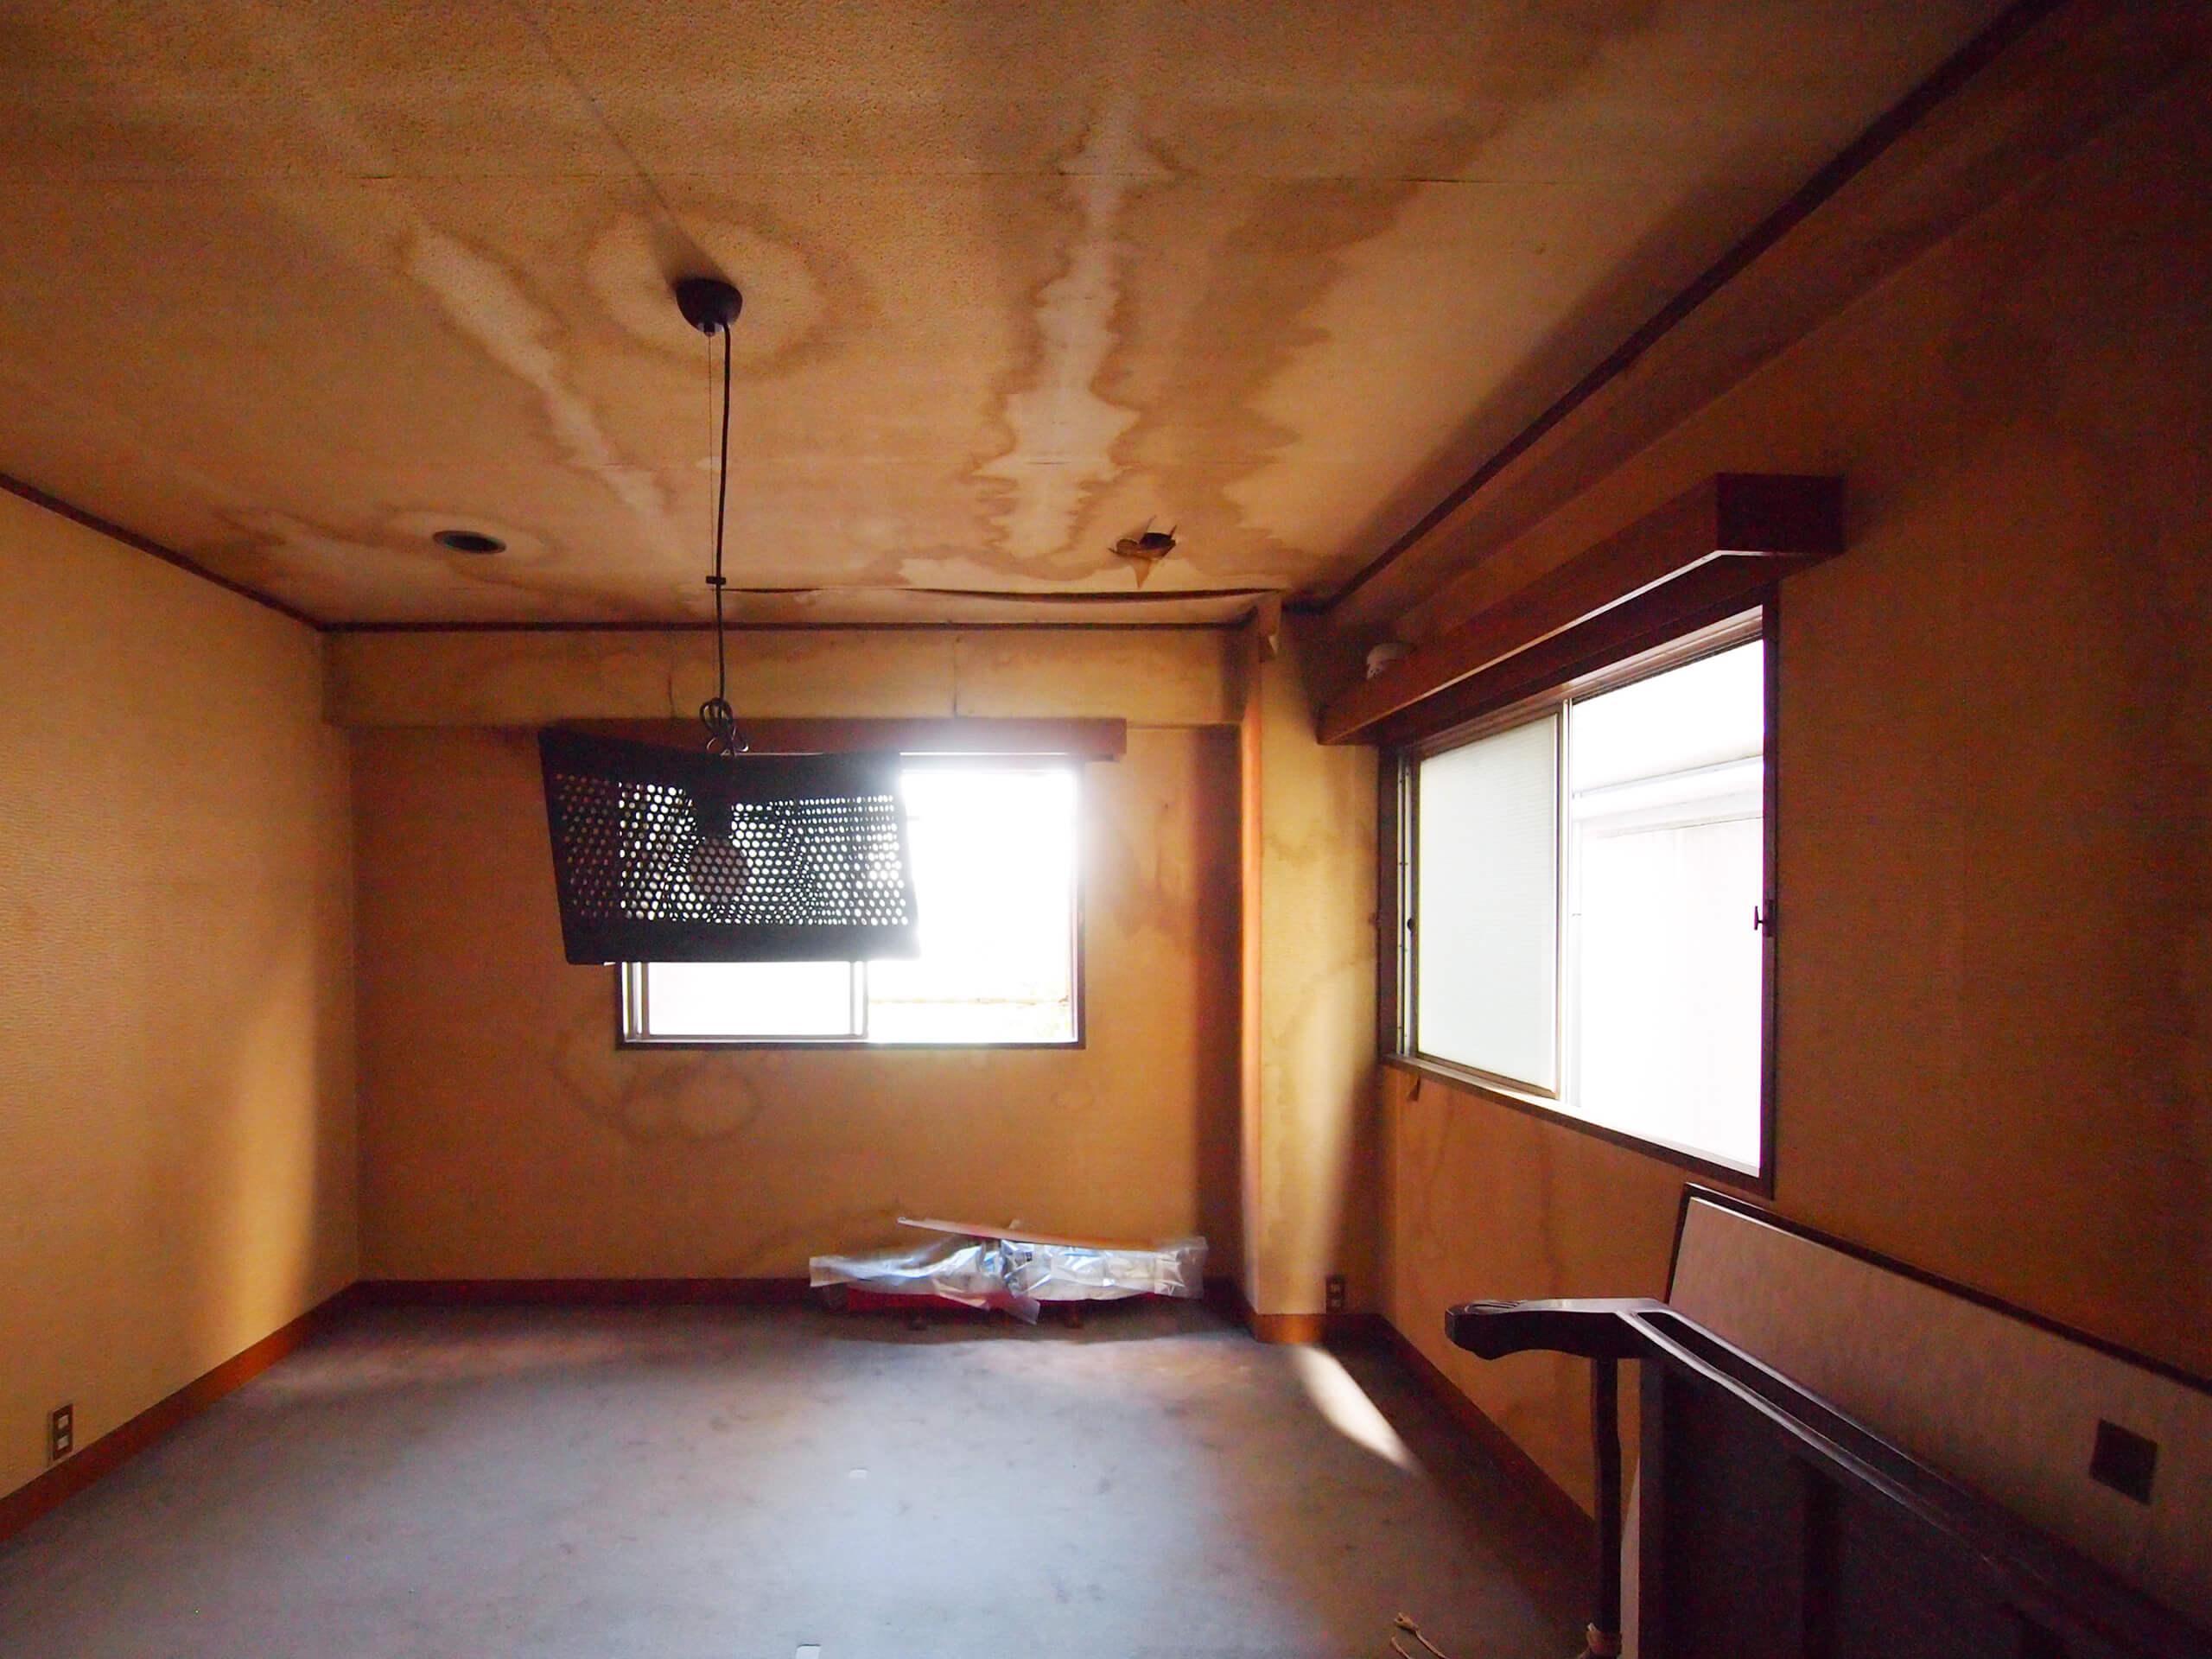 【2階】10年ほど使われていなかった場所なので、すごく汚れています